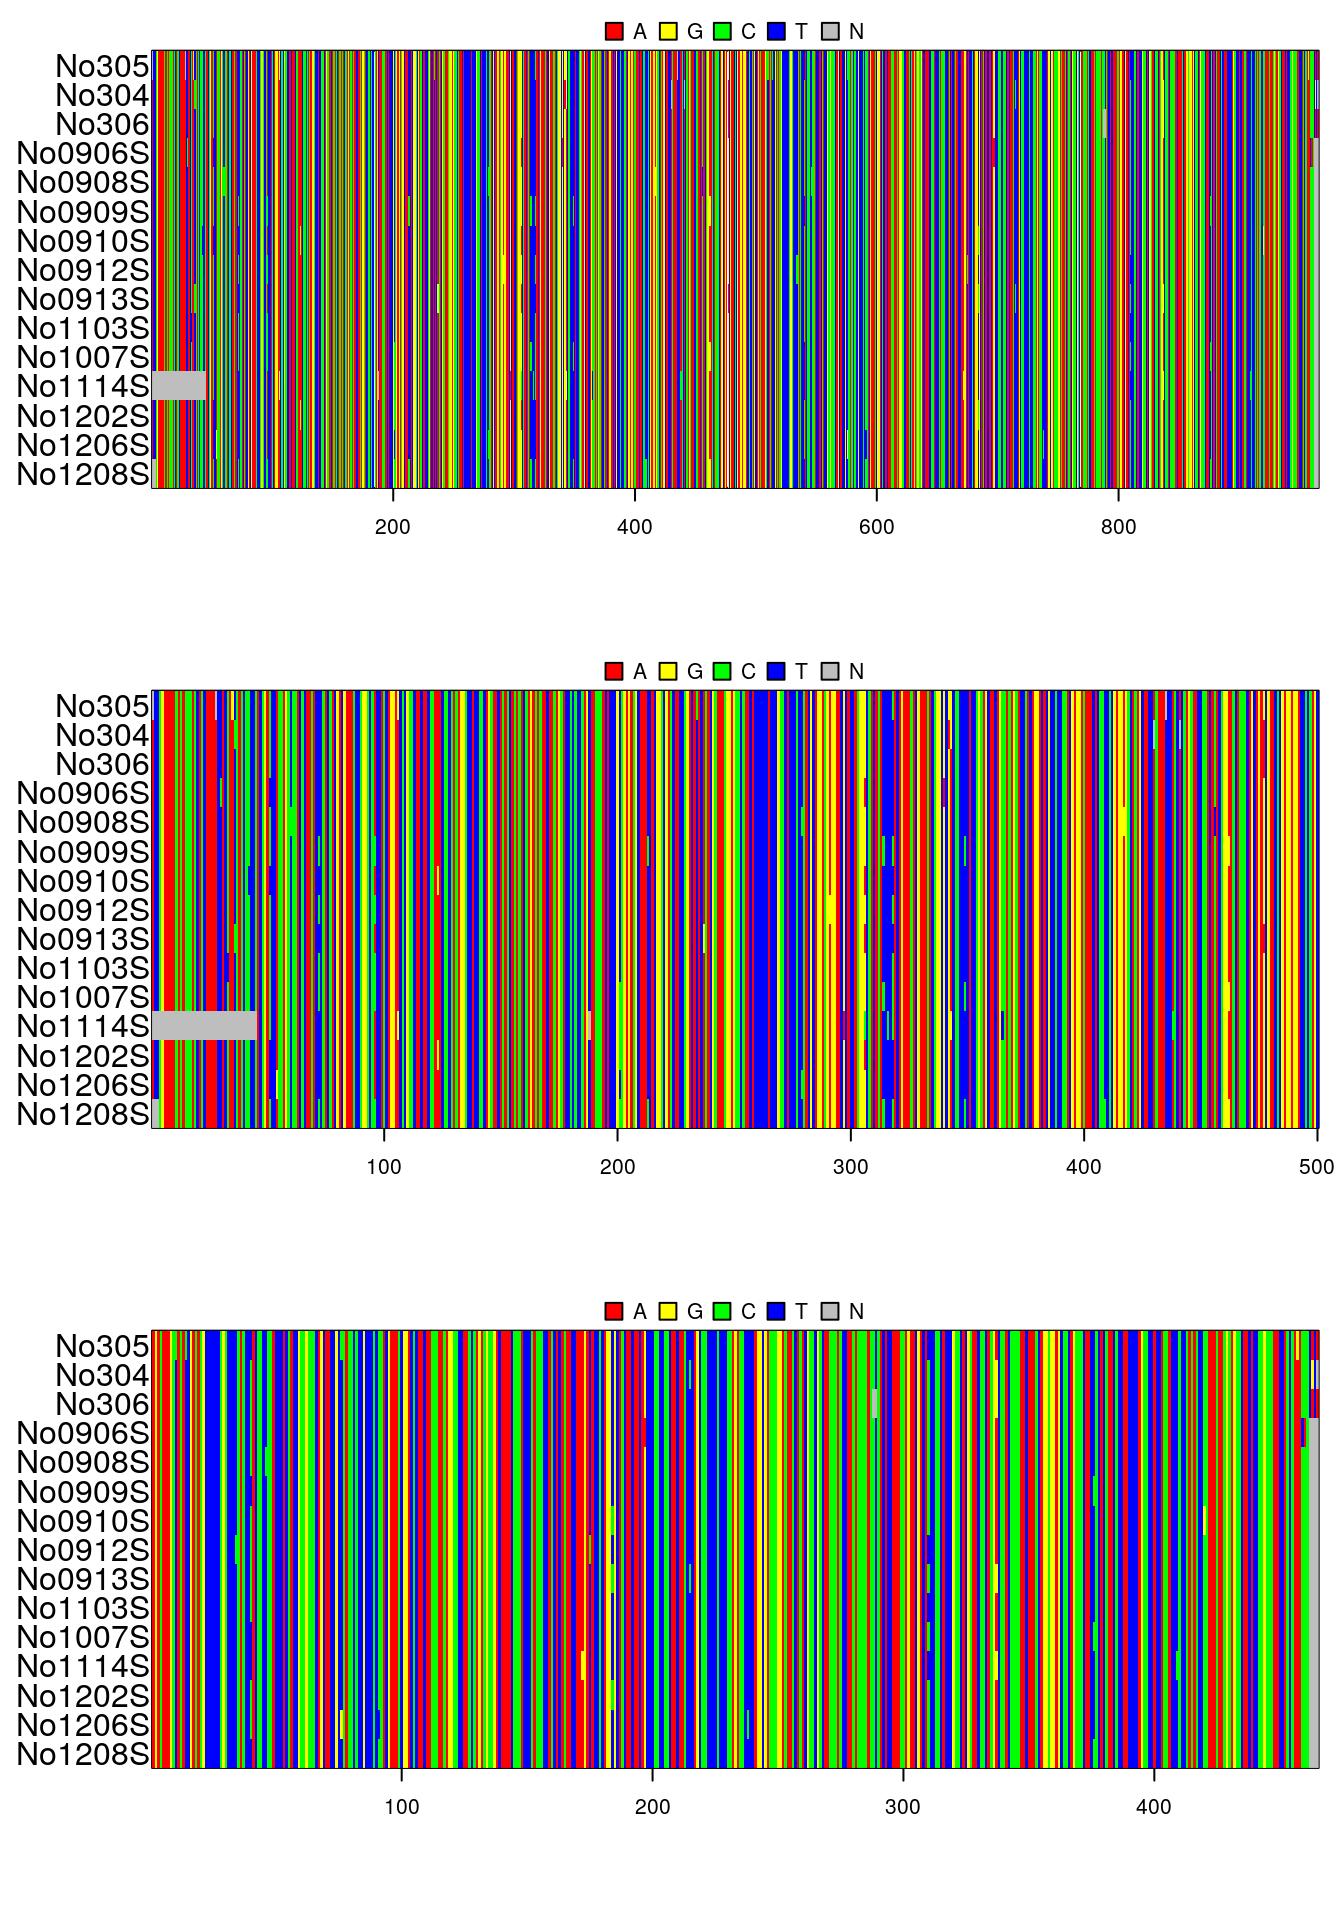 plot of chunk multidnaclass